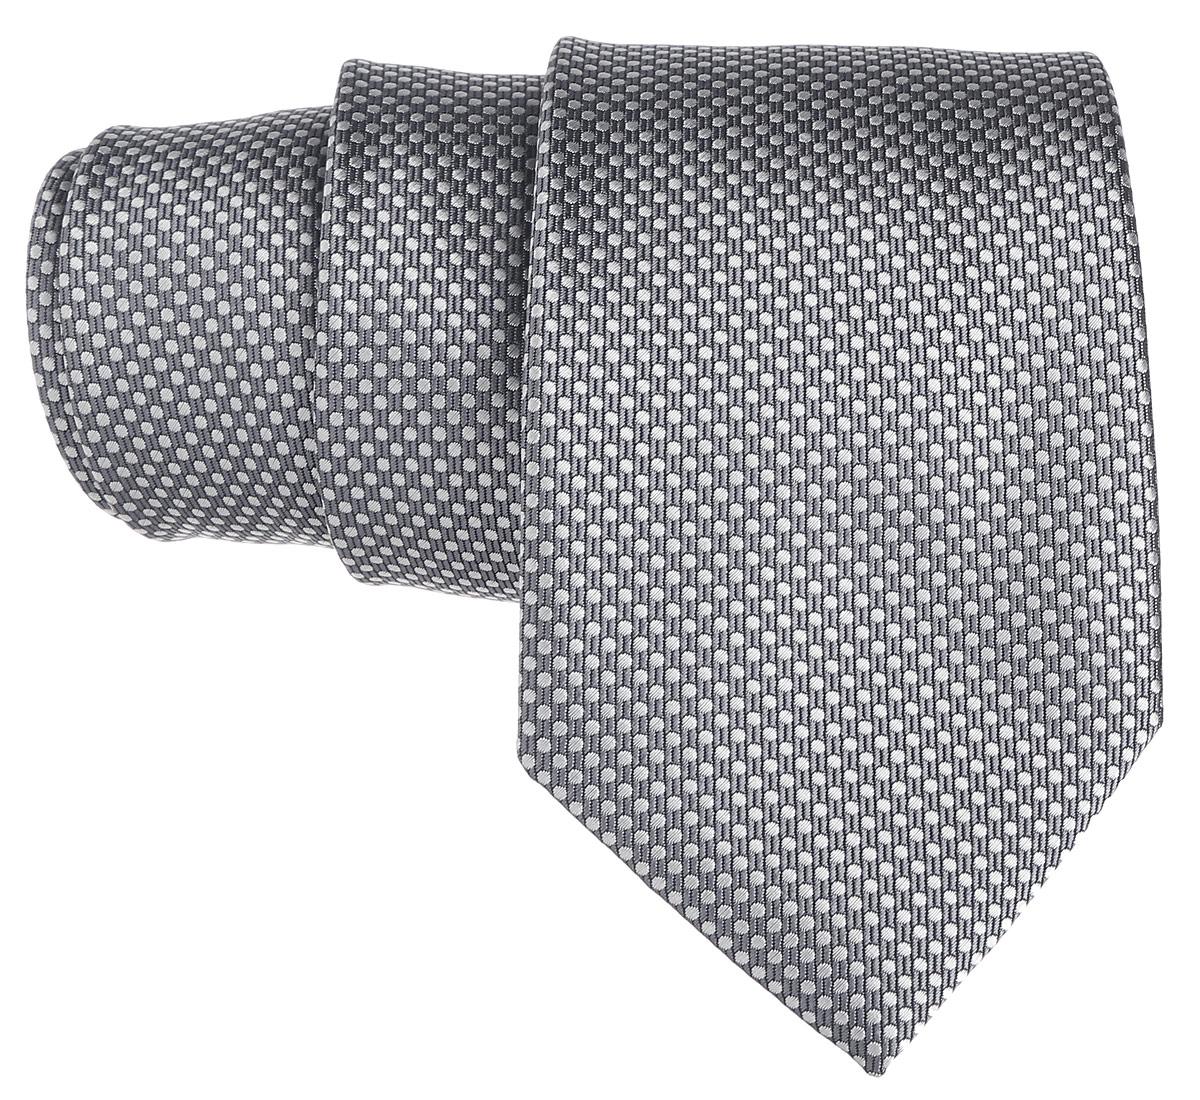 Галстук. 12.01409912.014099Стильный галстук BTC станет отличным завершающим штрихом вашего образа. Этот модный аксессуар порадует вас высоким качеством исполнения и современным дизайном. Изделие полностью выполнено из качественного полиэстера. Галстук оформлен оригинальным принтом. Такой оригинальный галстук подойдет как к повседневному, так и к официальному наряду, он позволит вам подчеркнуть свою индивидуальность и создать свой неповторимый стиль.